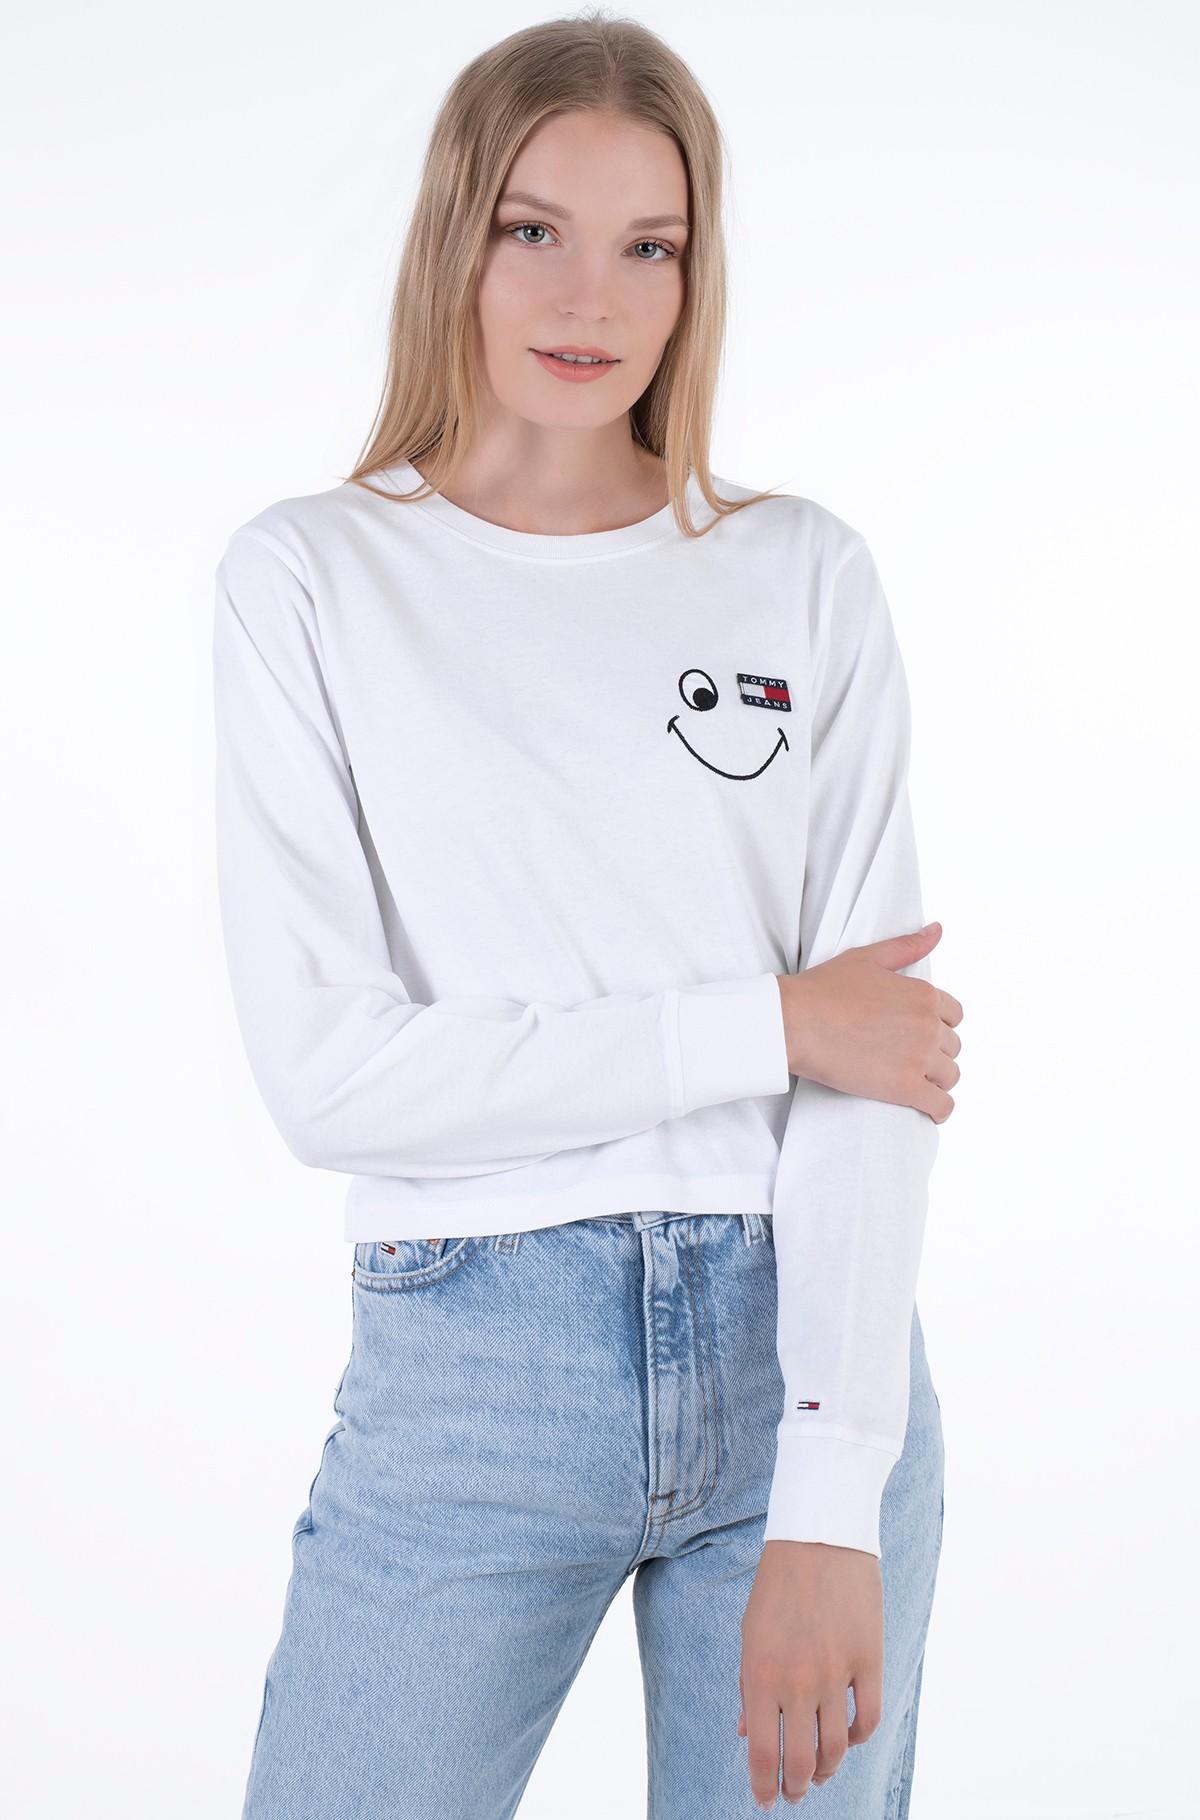 T-krekls ar garām piedurknēm  TJW REGULAR SMILEY BADGE LS-full-1